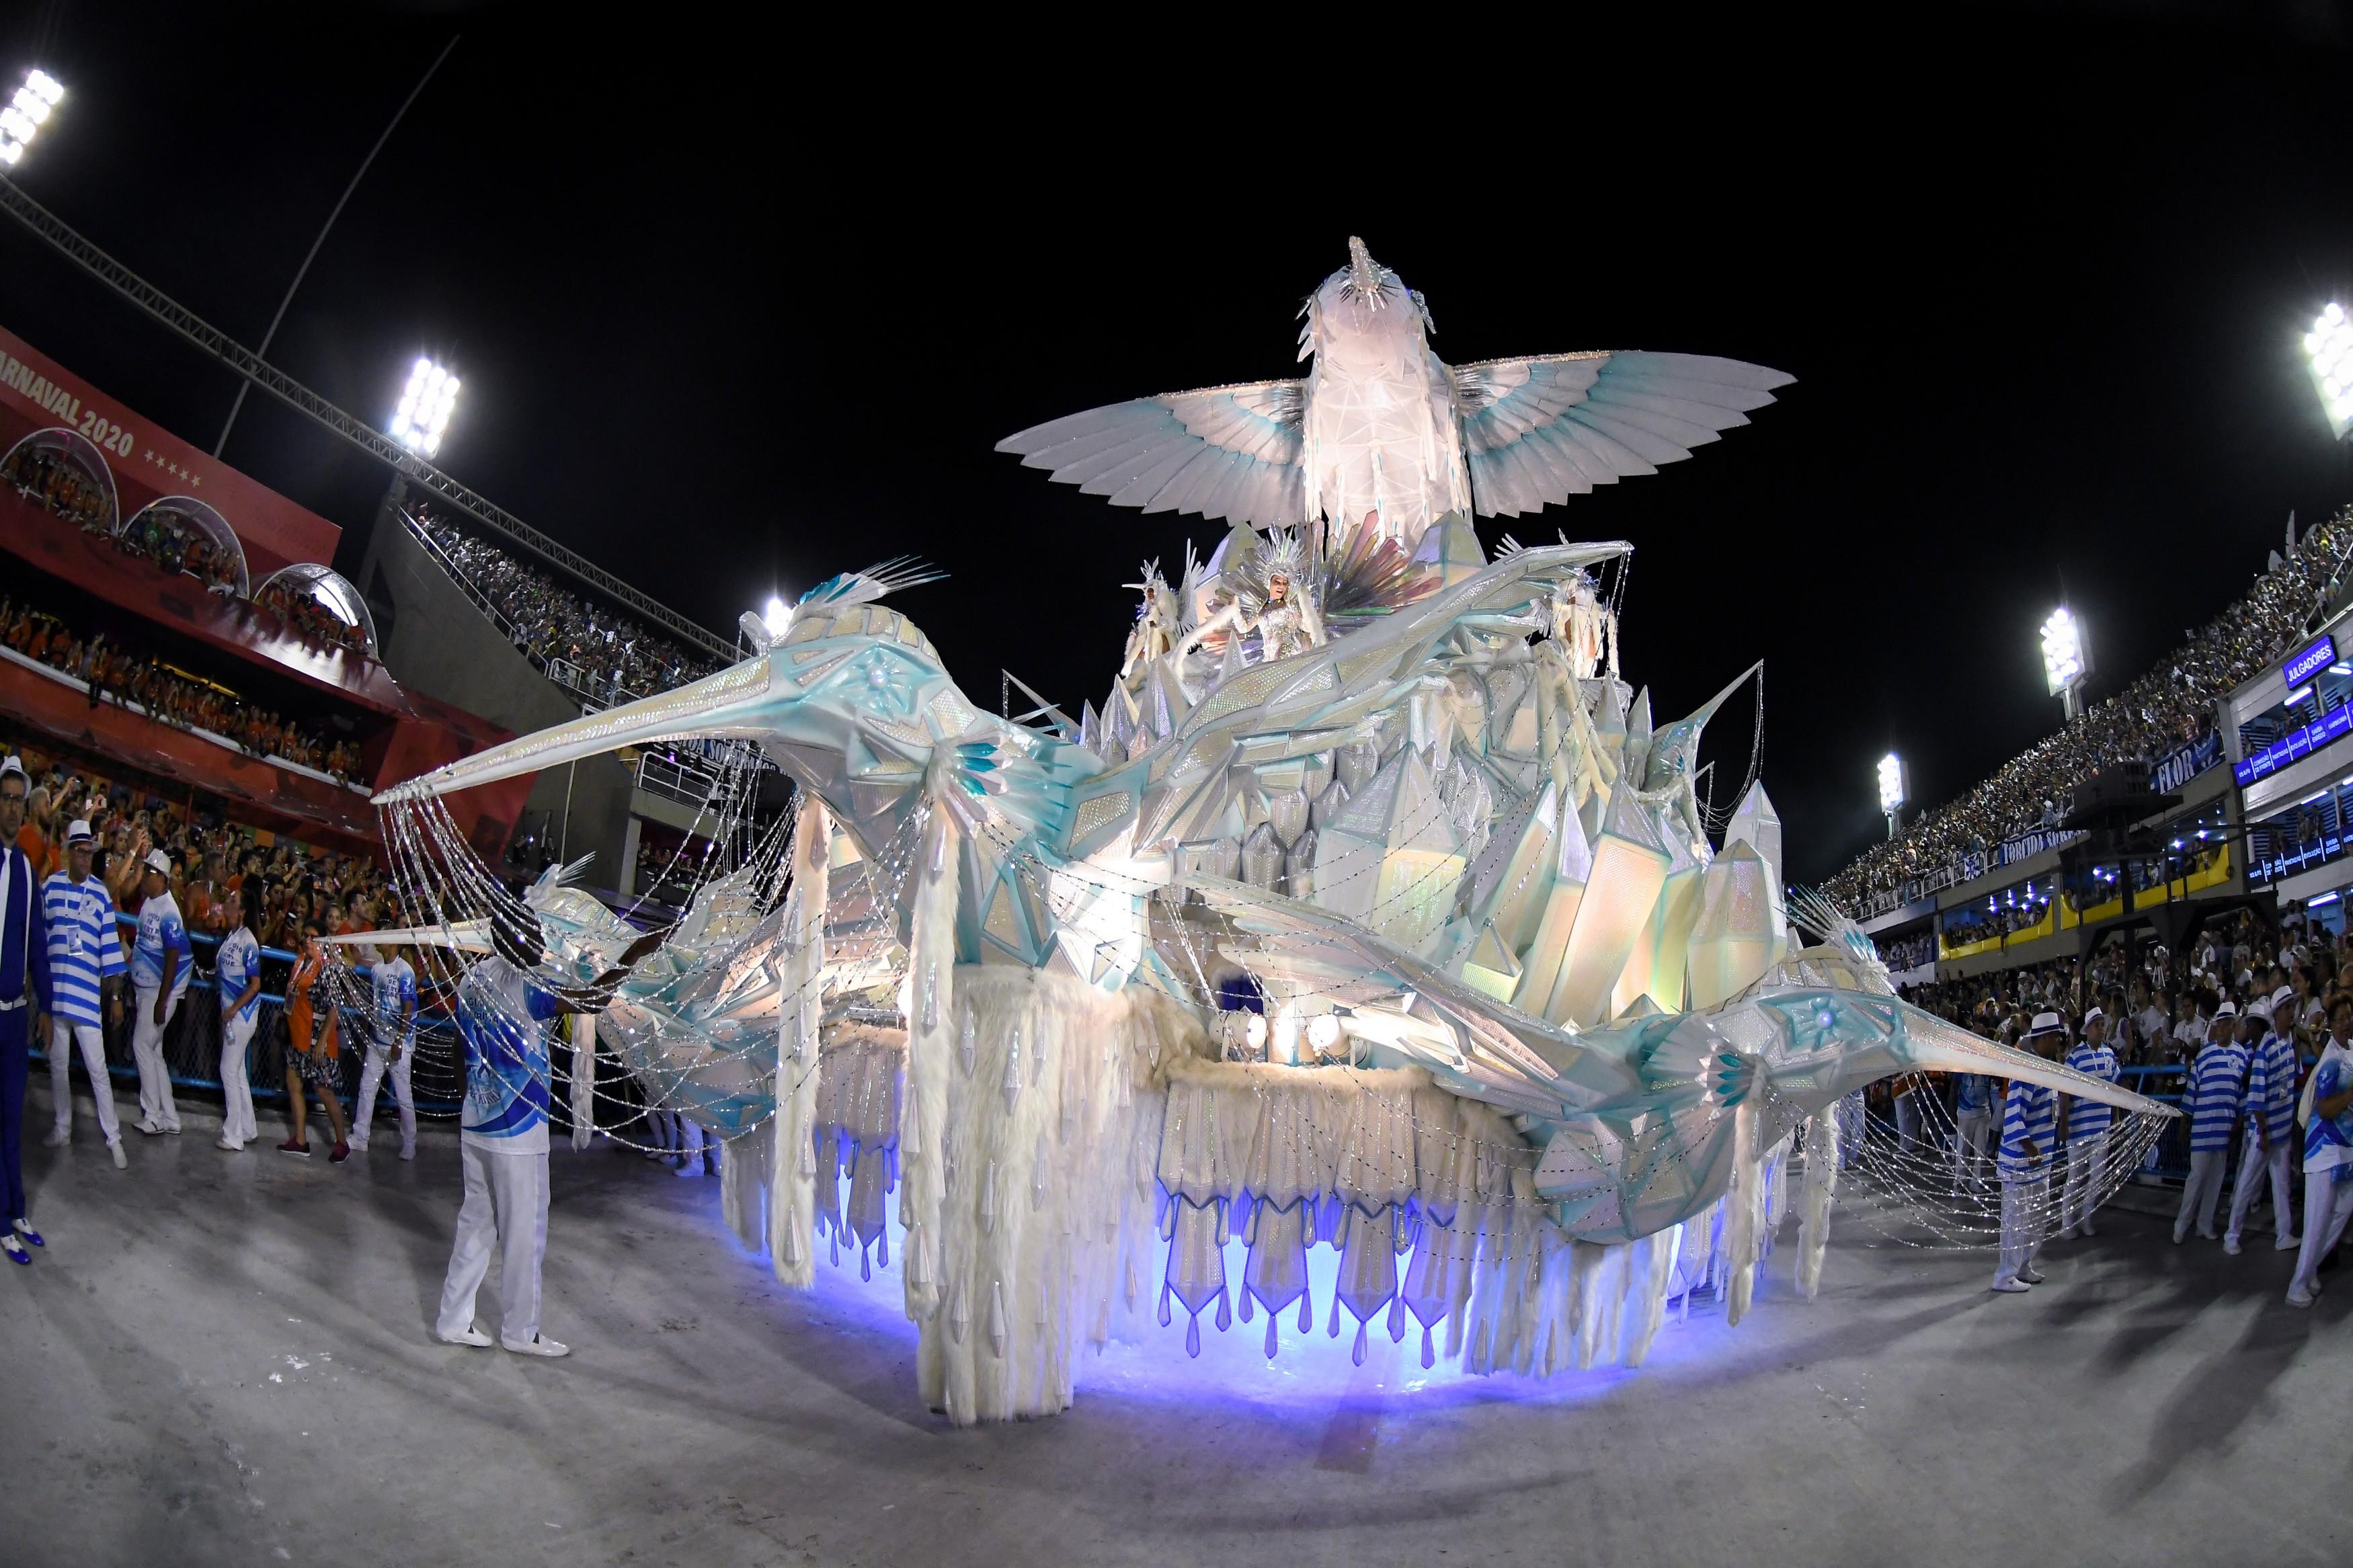 Beija-Flor canta sobre as grandes jornadas da humanidade e ruas famosas ao fechar desfiles do Rio